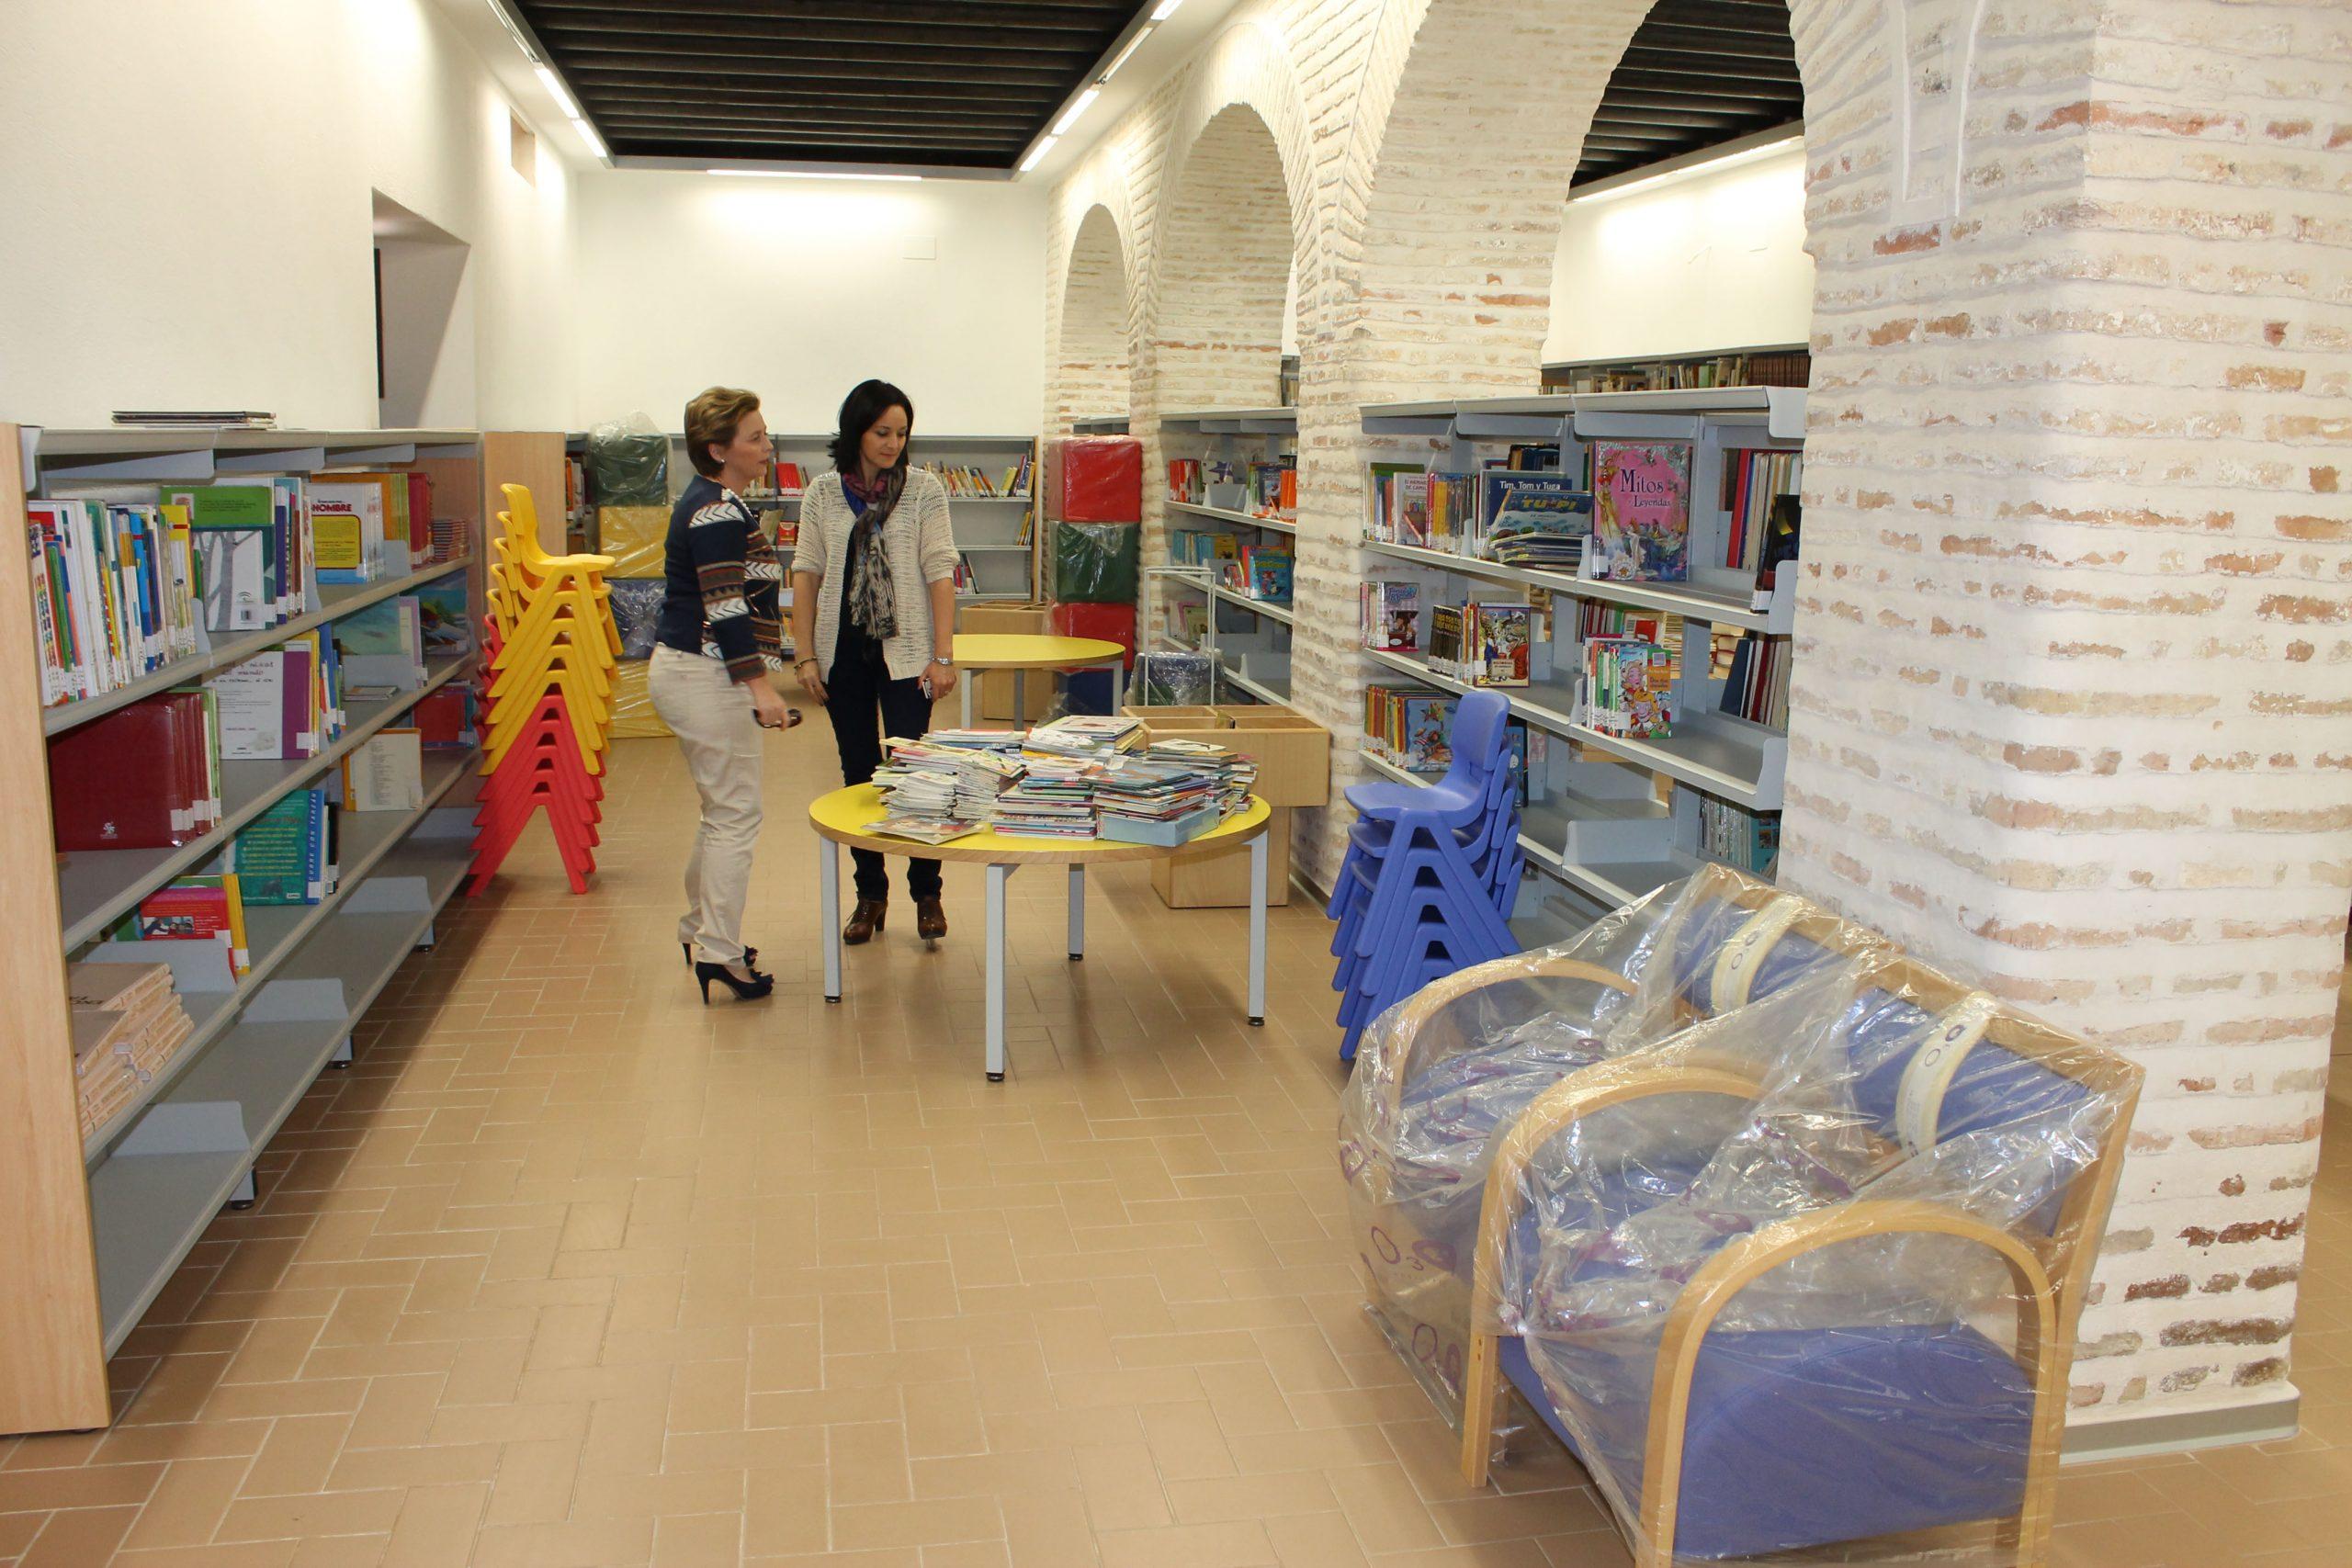 Comienza el traslado de los libros hacia la nueva Biblioteca Municipal de La Carlota 1